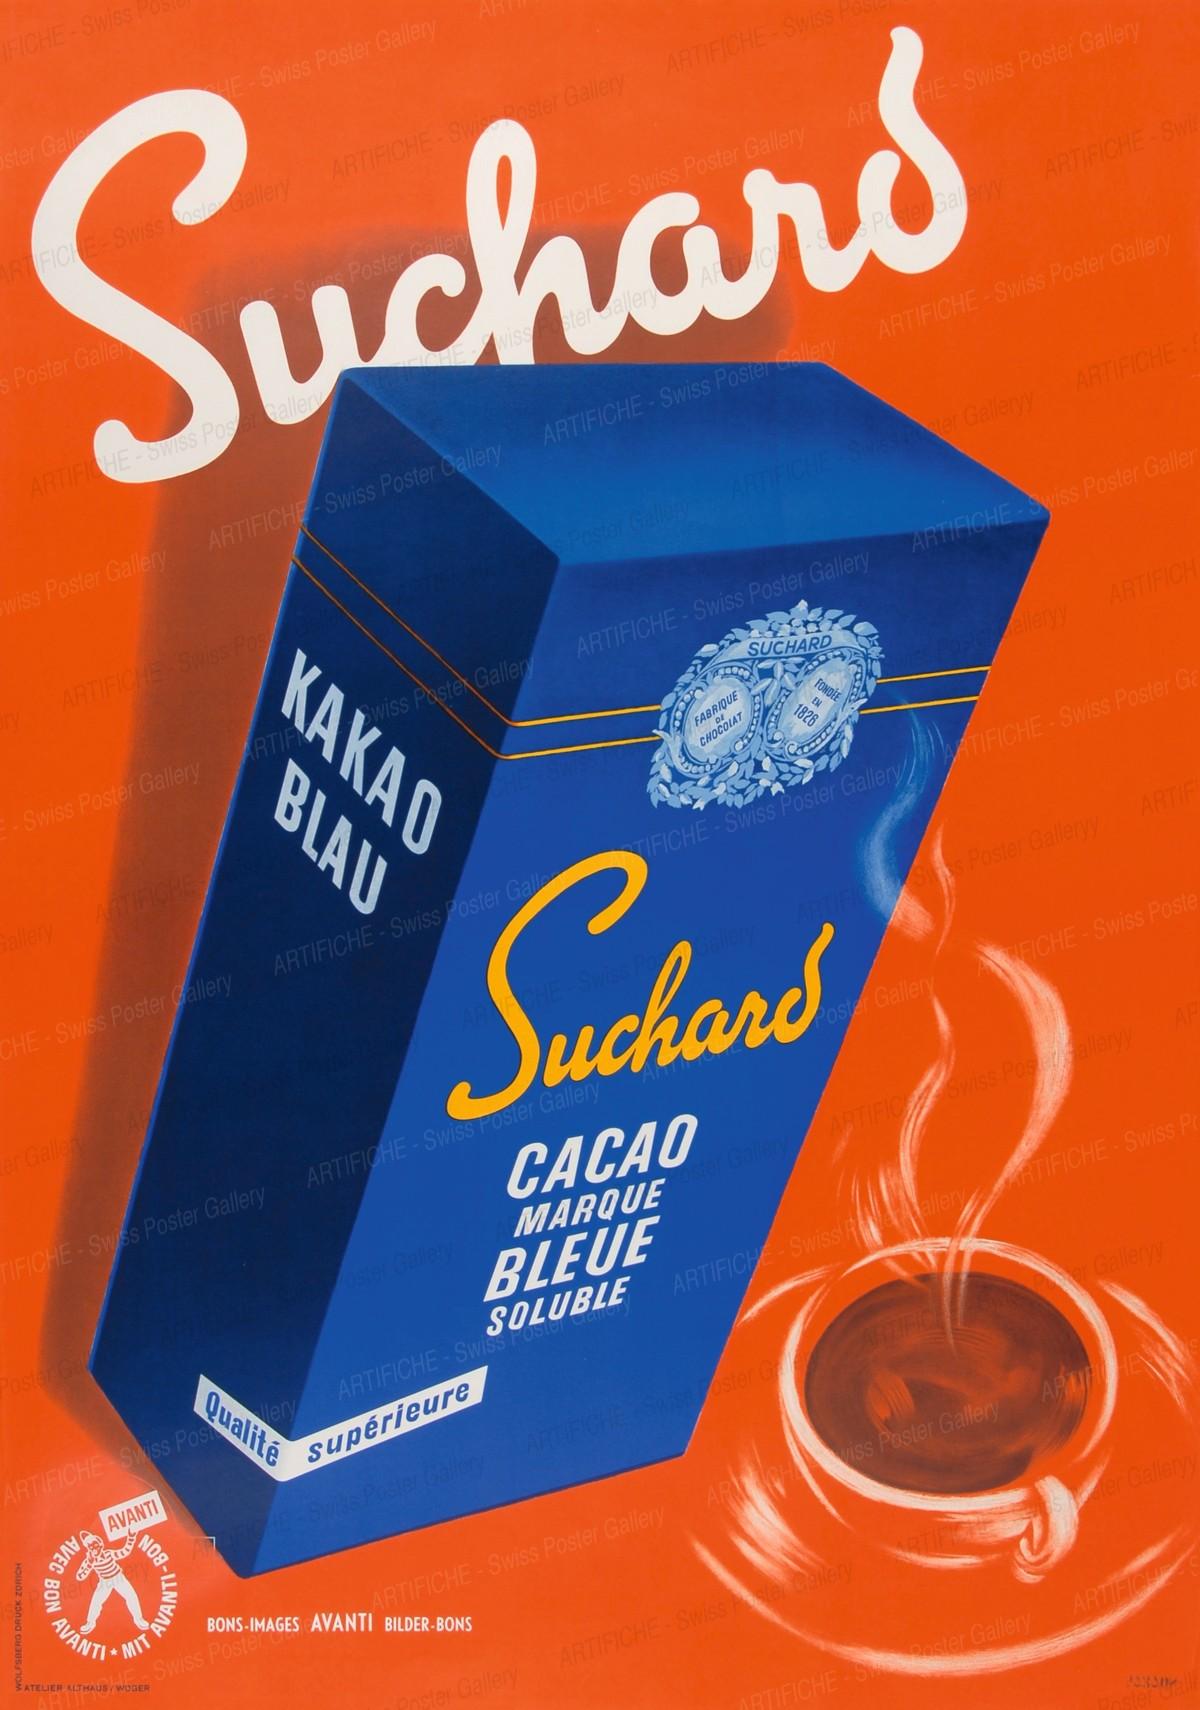 Suchard Cacao, Althaus & Wüger